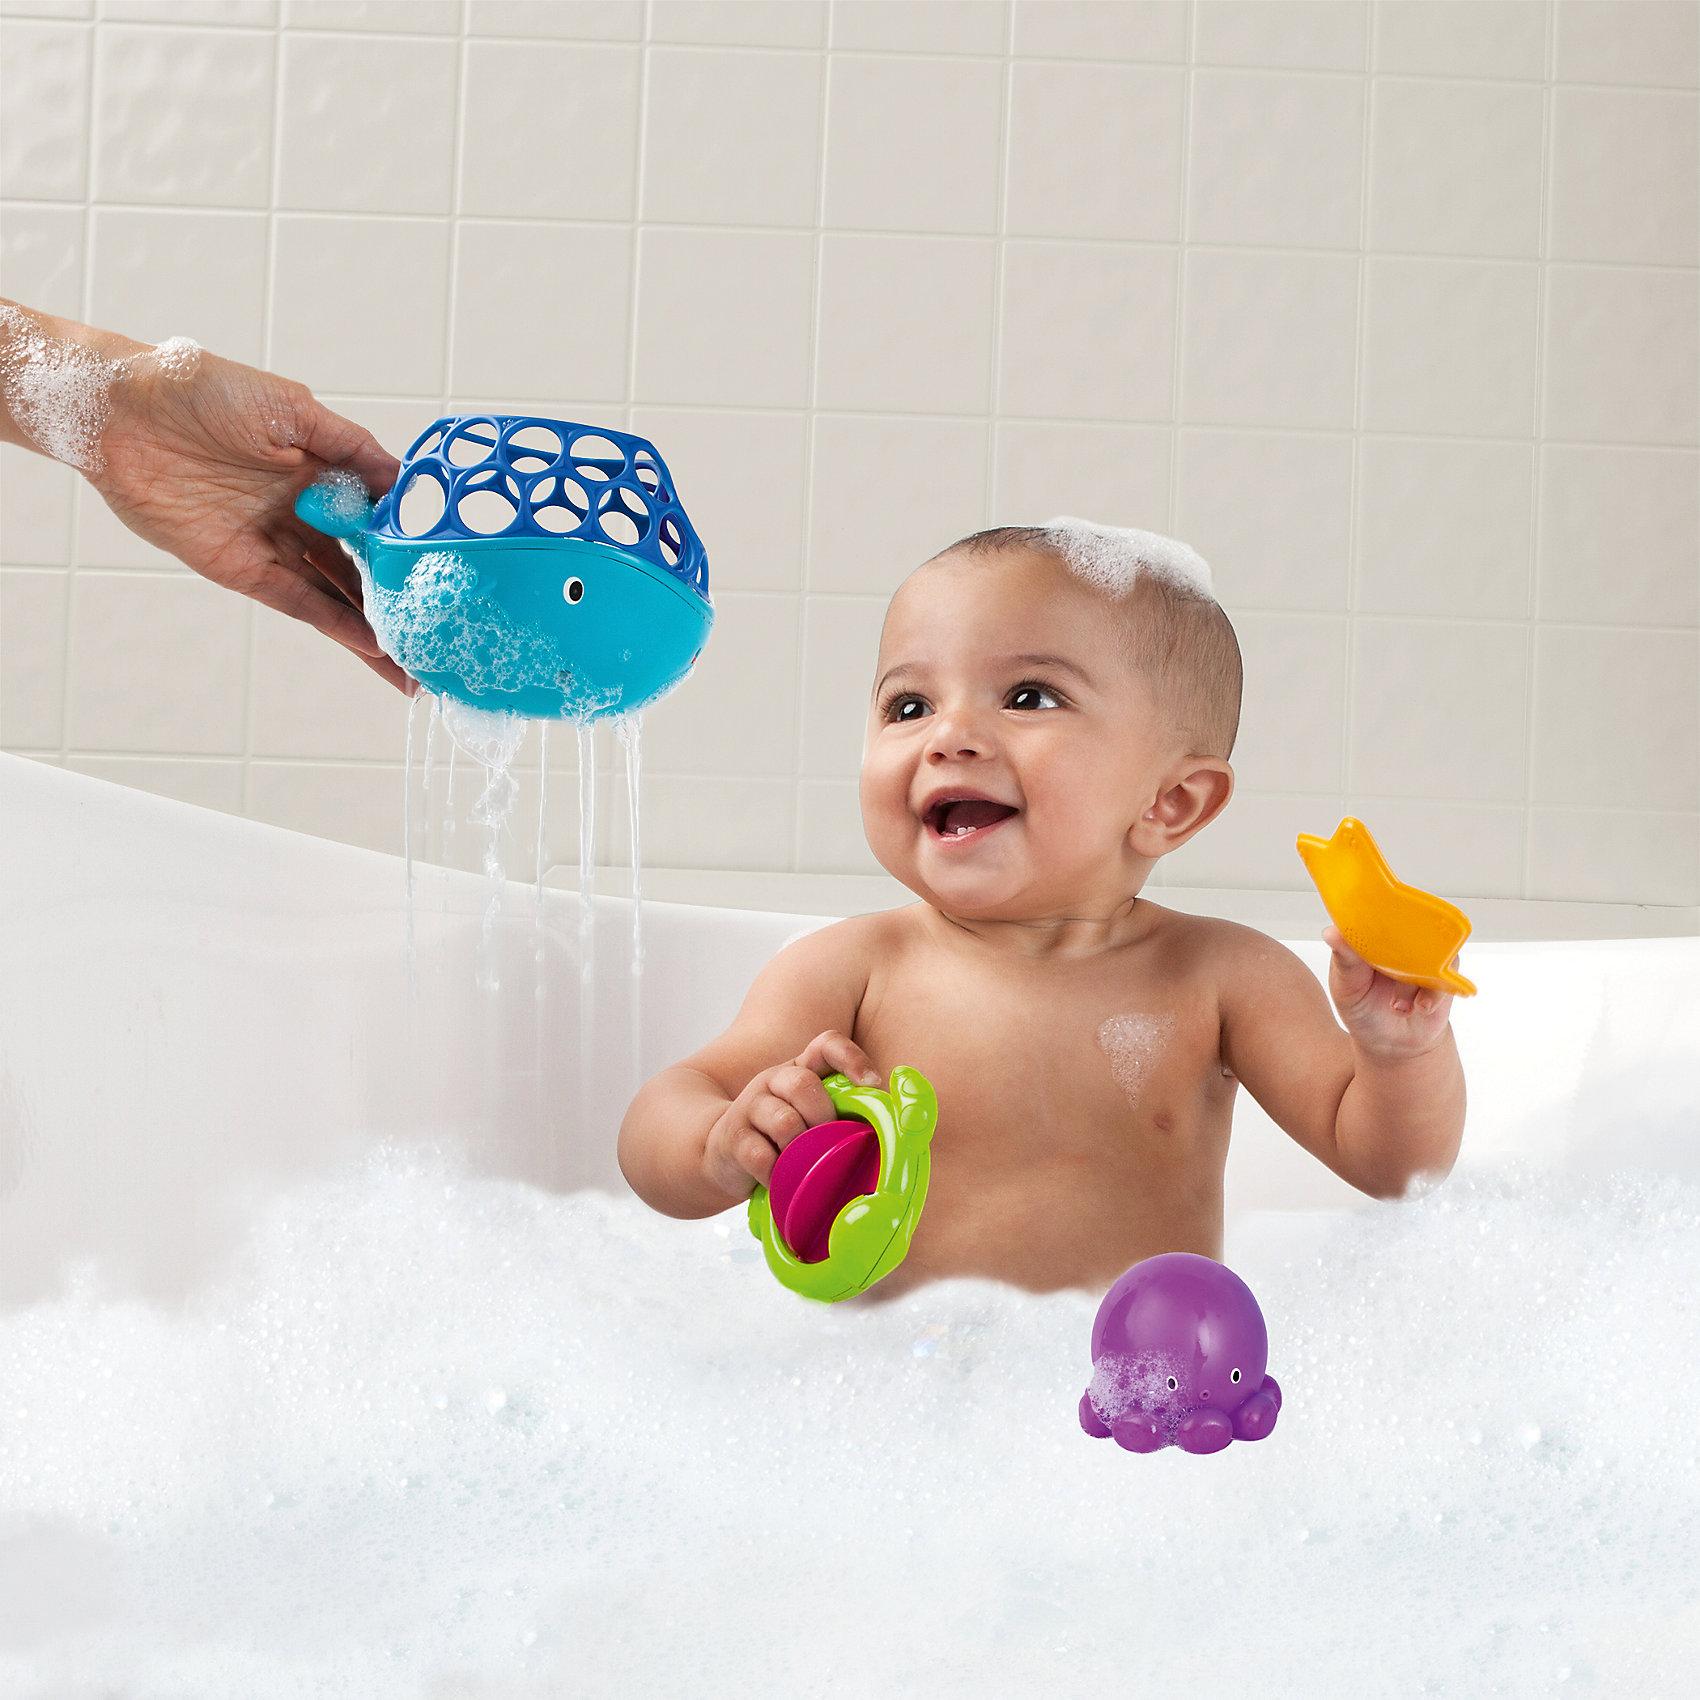 Игрушки для ванны «Морские друзья», OballЛейки и поливалки<br>Игрушки для ванны Морские друзья, Oball, превратят купание ребенка в веселую увлекательную игру. Набор включает в себя 4 фигурки морских обитателей, выполненные в ярких красочных цветах: кит, осьминог, черепашка и морская звезда. Фигурка кита может служить ковшом для зачерпывания воды. В его верхней части имеются круглые отверстия разной формы, которые предназначены для развития тактильного восприятия у ребенка и позволяют ему легко захватывать игрушку рукой. У черепашки вместо панциря - лопасти, которые можно крутить. Все предметы имеют округлые формы и выполнены из нетоксичного пластика, безопасного для здоровья ребенка. Набор способствует развитию воображения, внимания, зрения, тактильного восприятия, мелкой и крупной моторики, а также координации движений.<br><br>Дополнительная информация:<br><br>- В комплекте: кит, осьминог, черепашка, морская звезда.<br>- Материал: пластик.<br>- Размер кита: 16 х 11,5 х 10,5 см.<br>- Размер осьминога: 6,5 х 7 х 7 см.<br>- Размер черепашки: 9,5 х 5 х 9,5 см.<br>- Размер морской звезды: 8 х 2 х 8 см.<br>- Размер упаковки: 13 х 22 х 22 см.<br>- Вес: 0,4 кг.<br><br>Игрушки для ванны Морские друзья, Oball, можно купить в нашем интернет-магазине.<br><br>Ширина мм: 224<br>Глубина мм: 220<br>Высота мм: 126<br>Вес г: 302<br>Возраст от месяцев: 0<br>Возраст до месяцев: 36<br>Пол: Унисекс<br>Возраст: Детский<br>SKU: 4222562